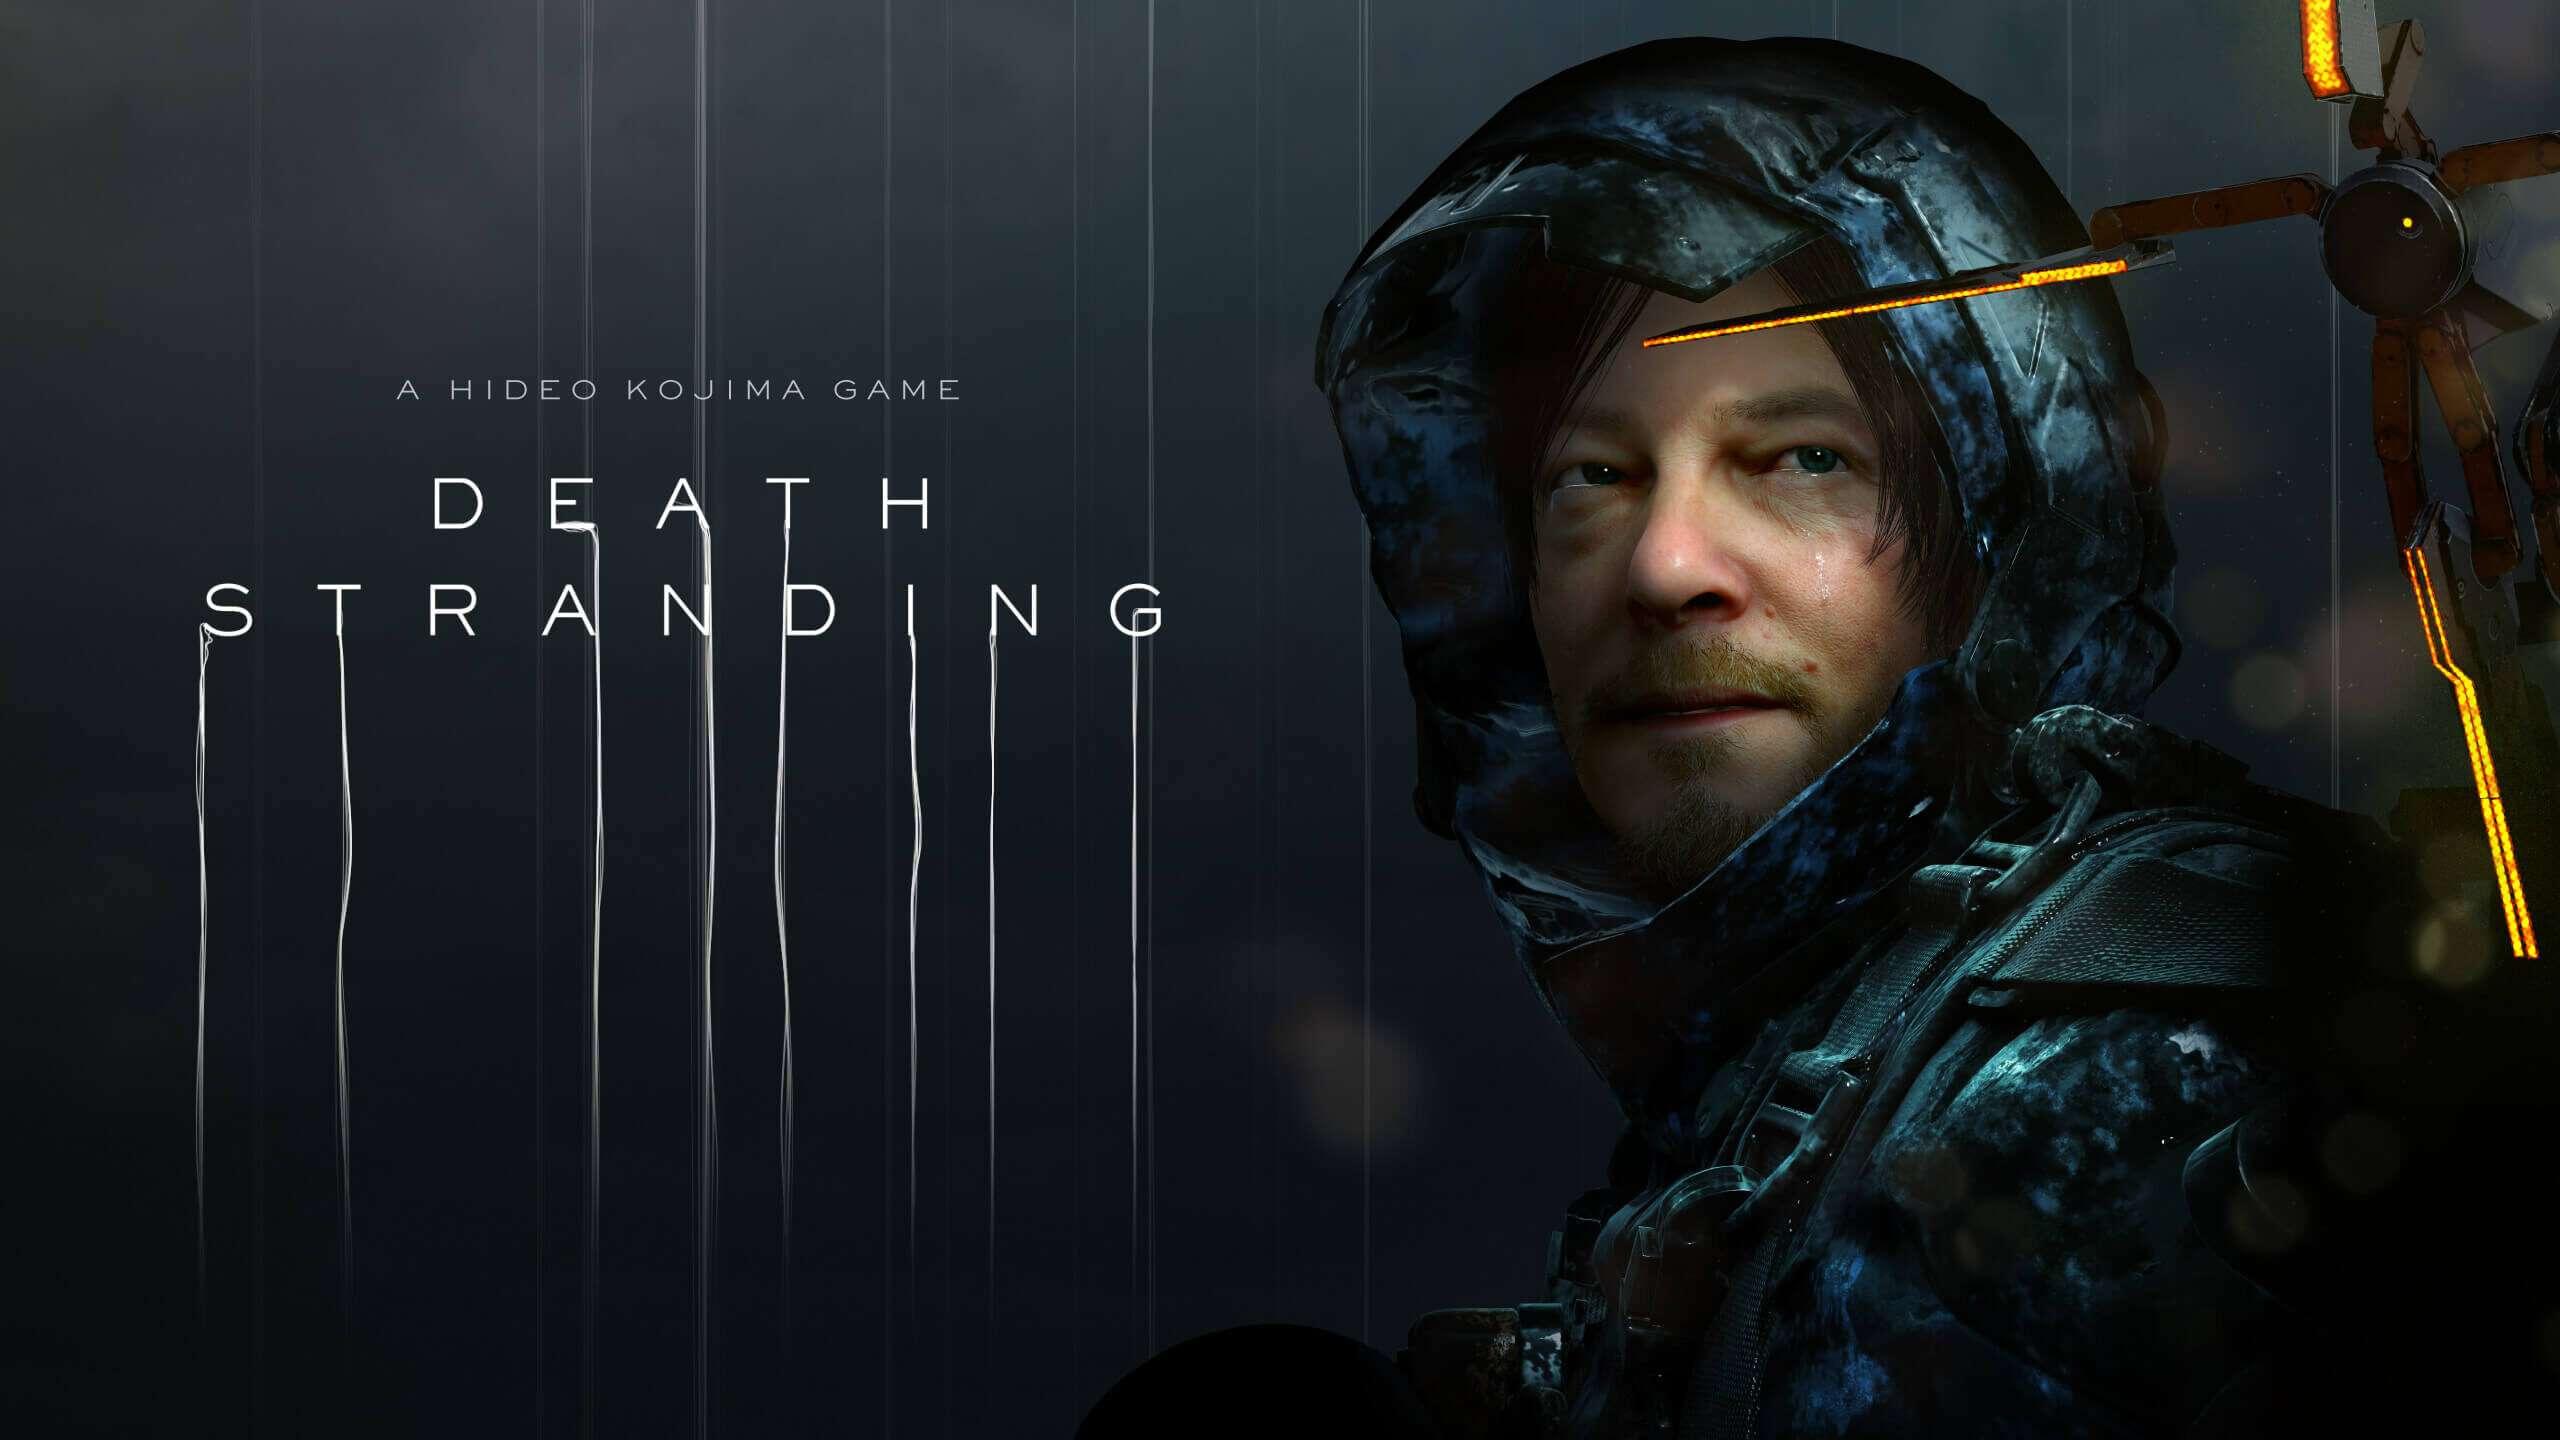 8fc3986a70c5db56d88e1e8bf809d683 - إشاعة: لعبة Death Stranding  تحصل على محتوى قصة جديد وترقية محتملة لجهاز PlayStation 5